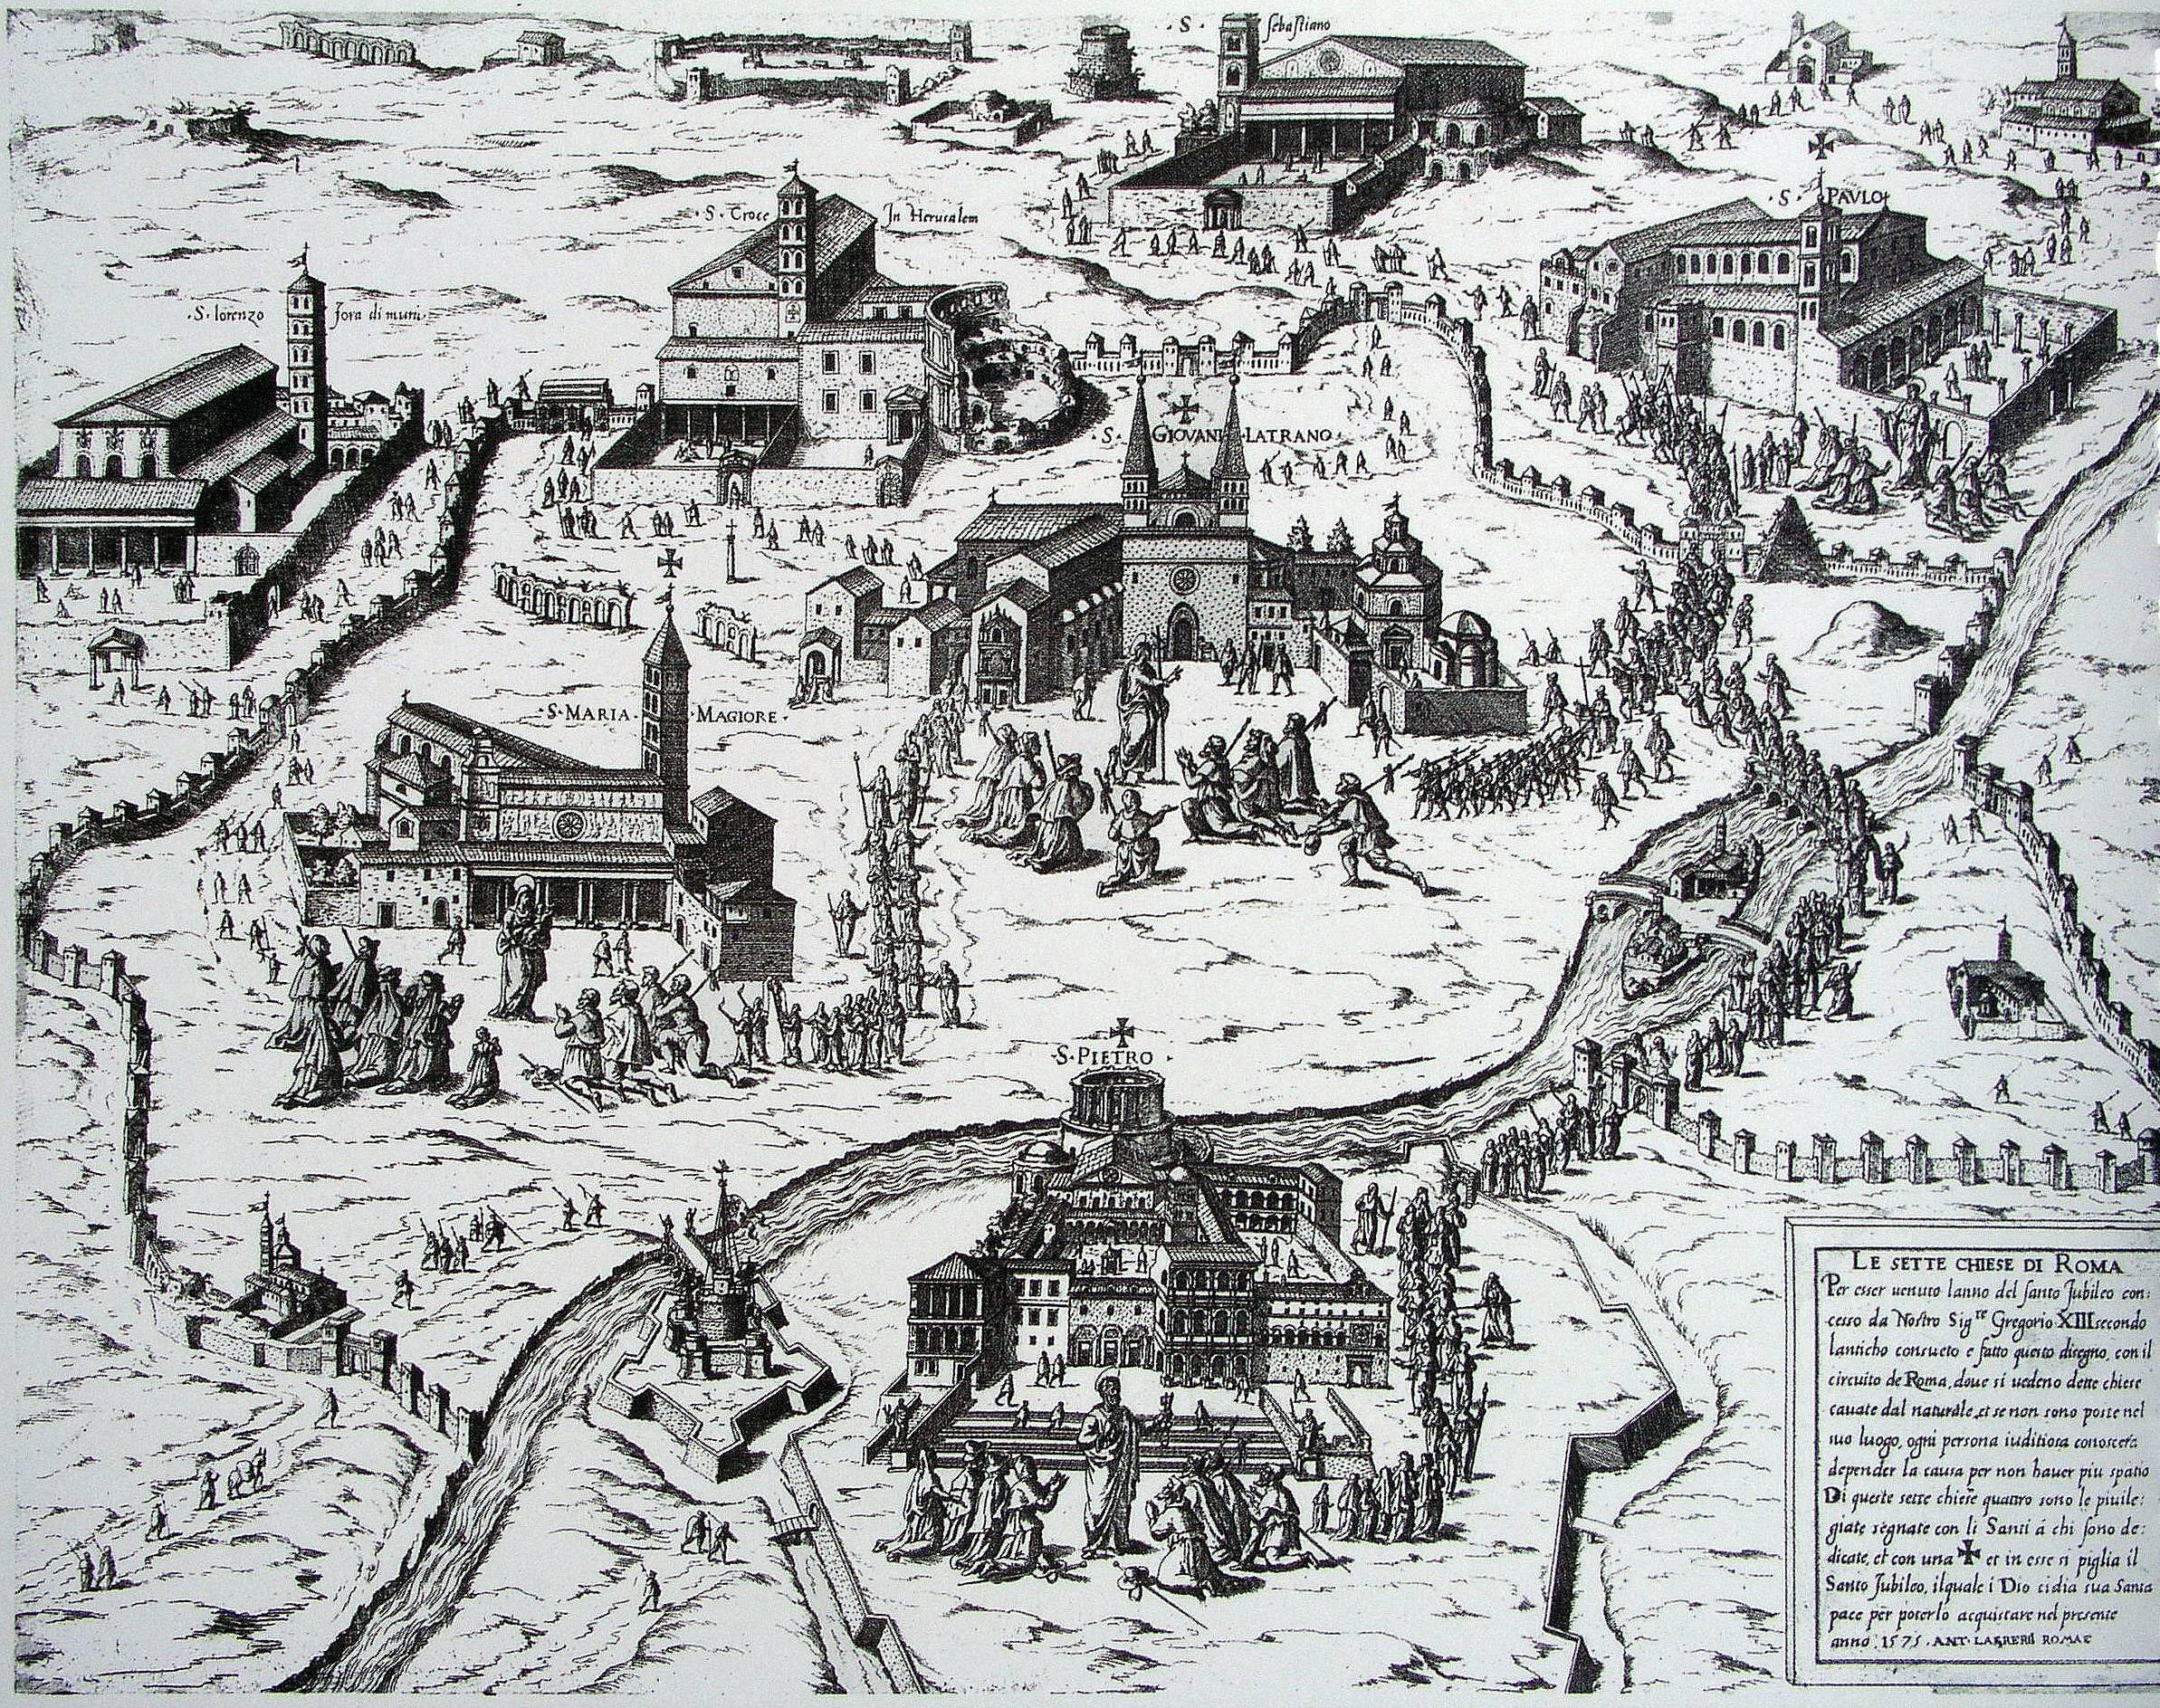 Sapete chi diffuse il pellegrinaggio delle Sette Chiese di Roma?